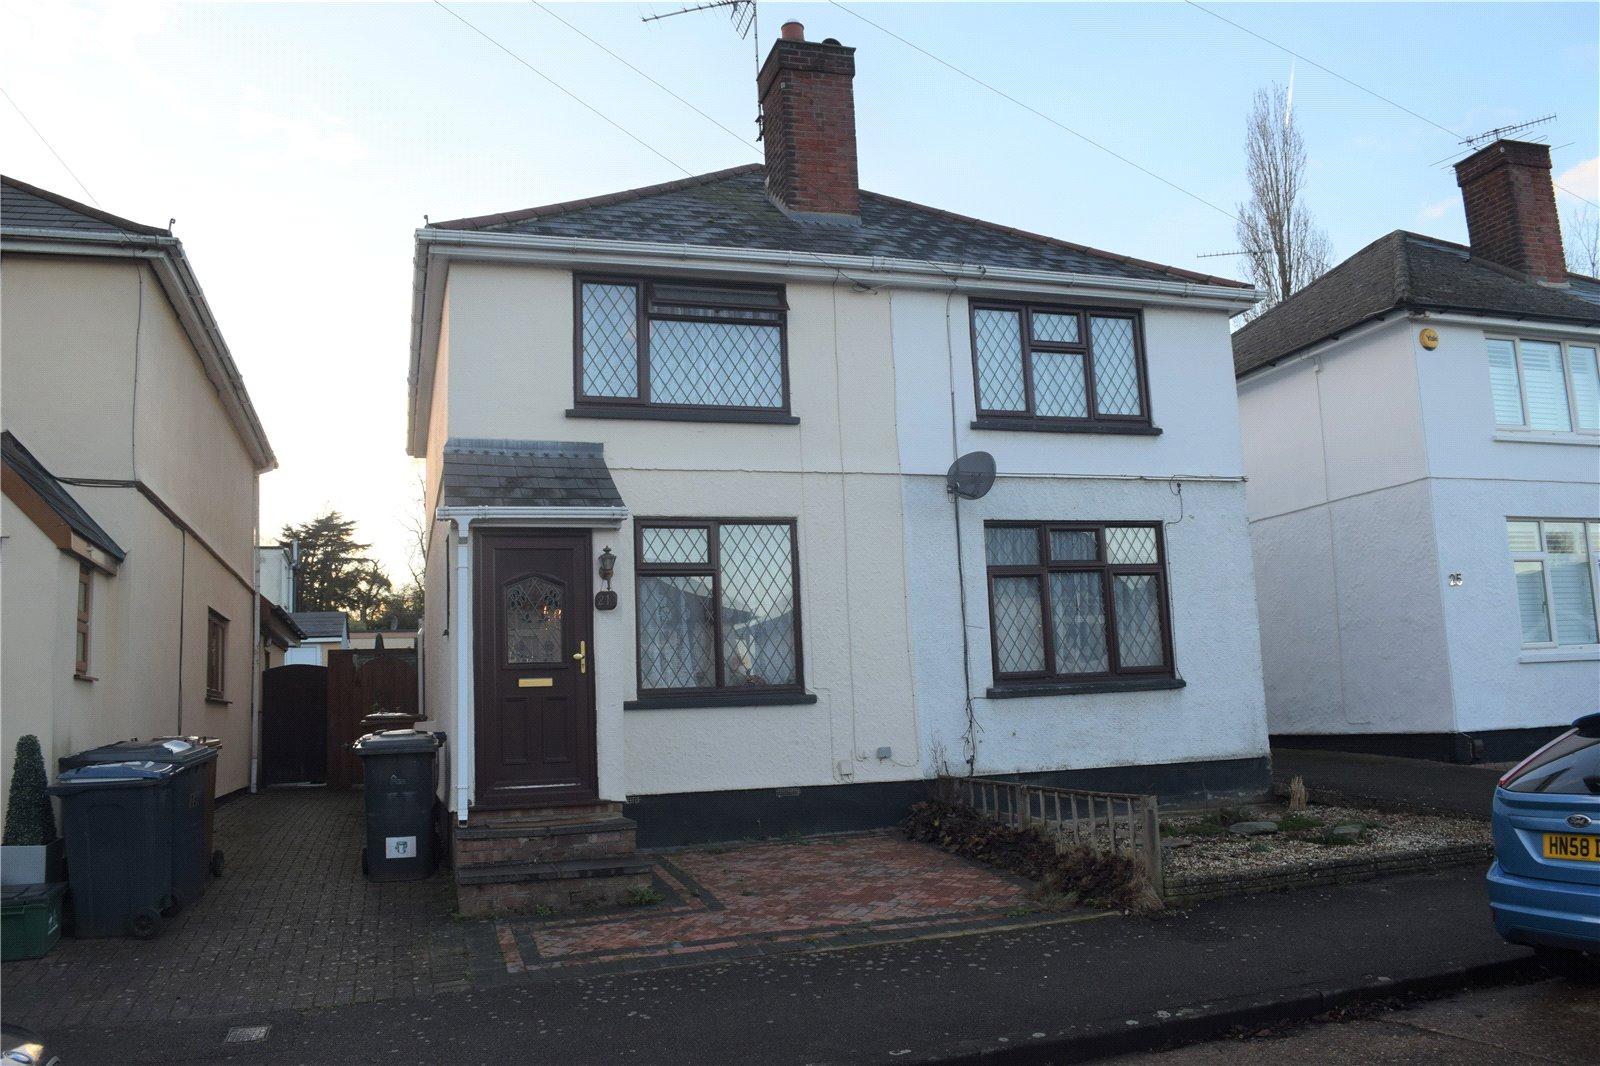 2 Bedrooms Semi Detached House for sale in Bishop's Stortford